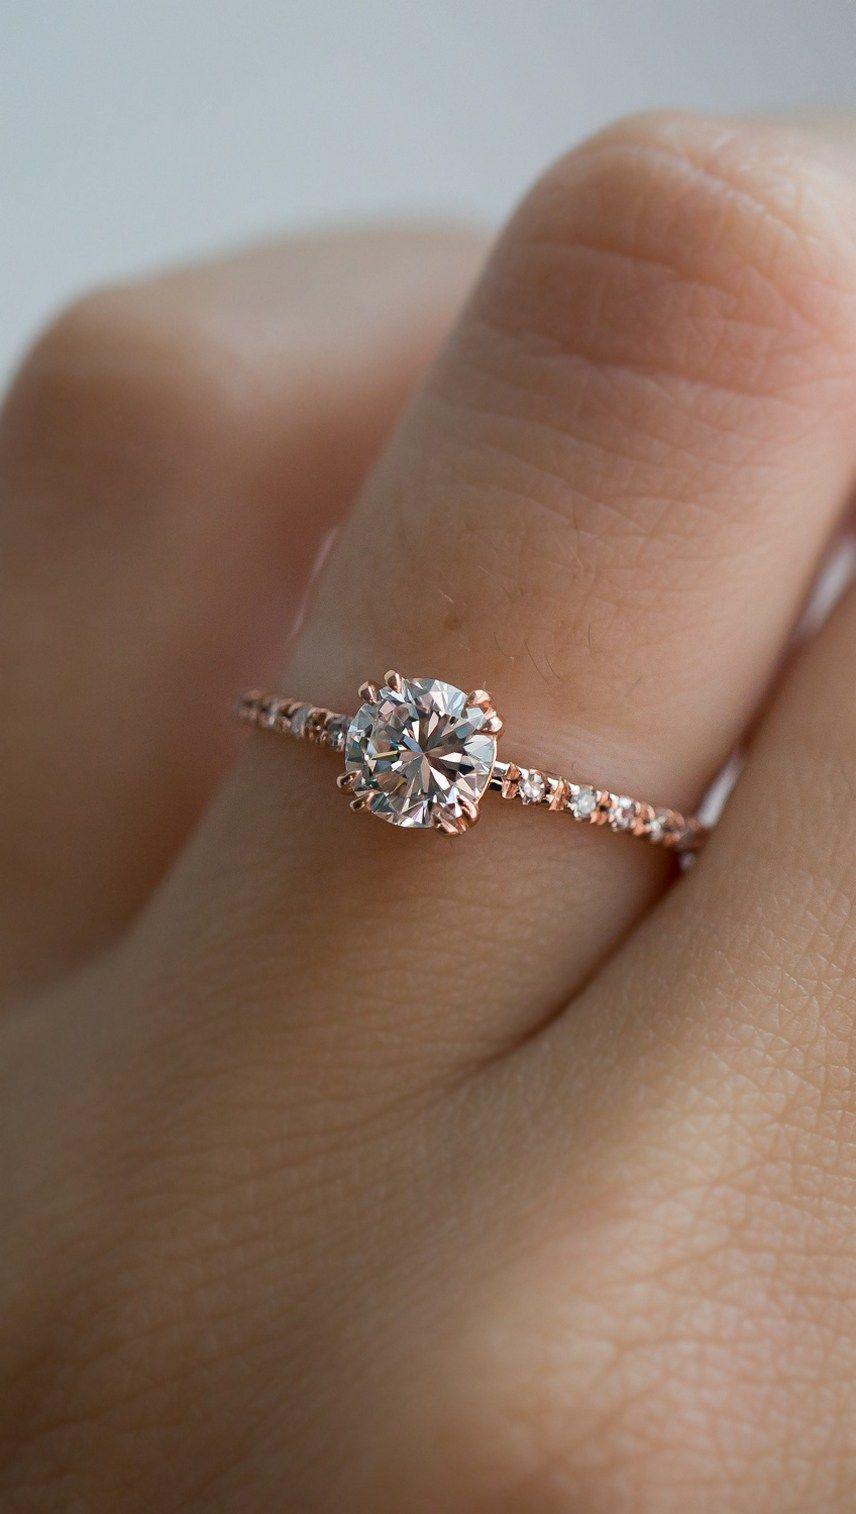 Simple Enement Rings | 100 Simple Vintage Engagement Rings Inspiration 75 Cute Rings